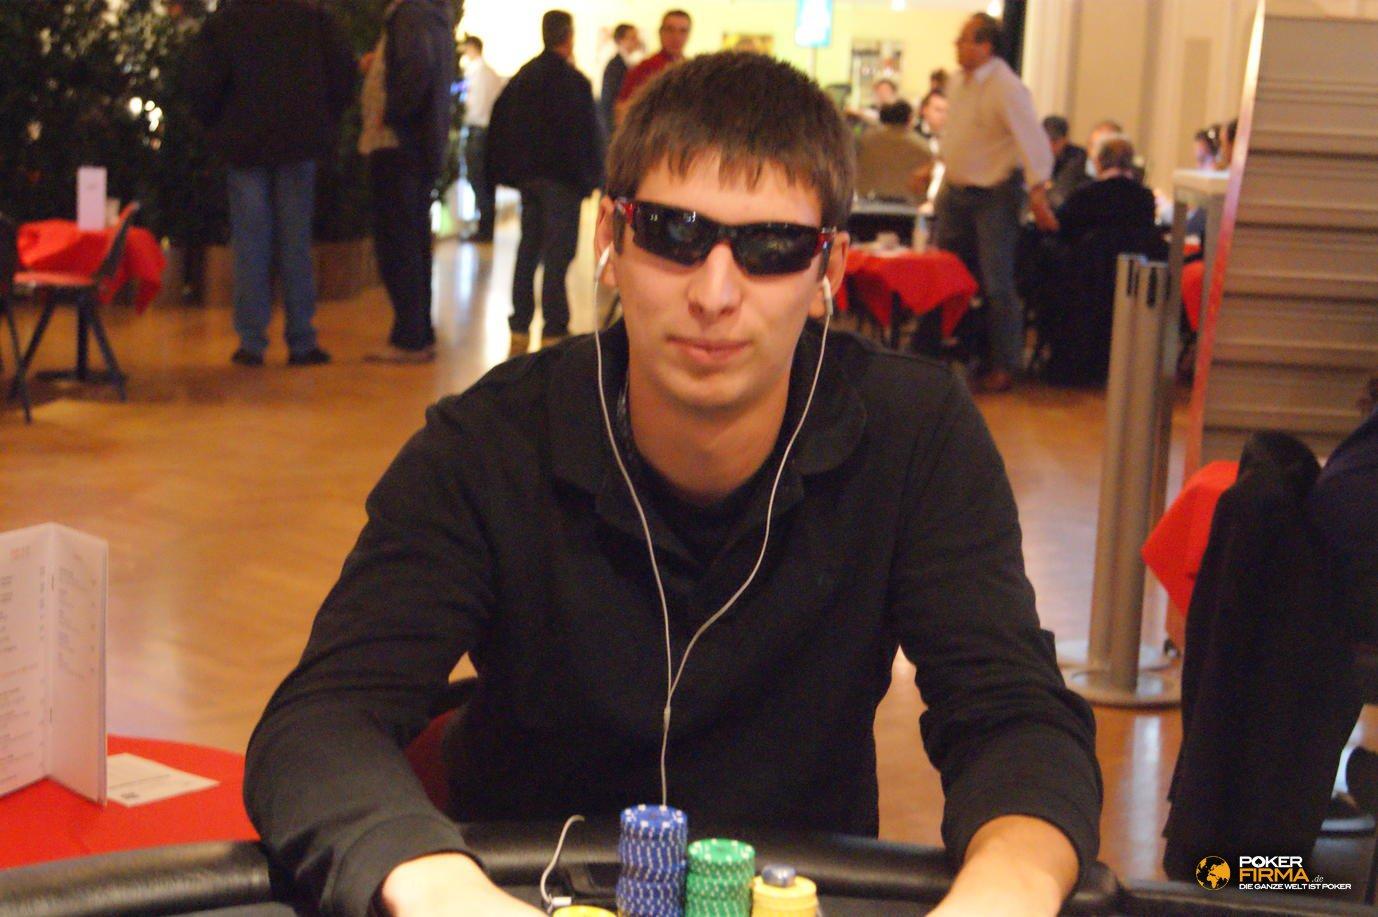 Poker_EM_5000_NLH301011_Philip_Schagerl